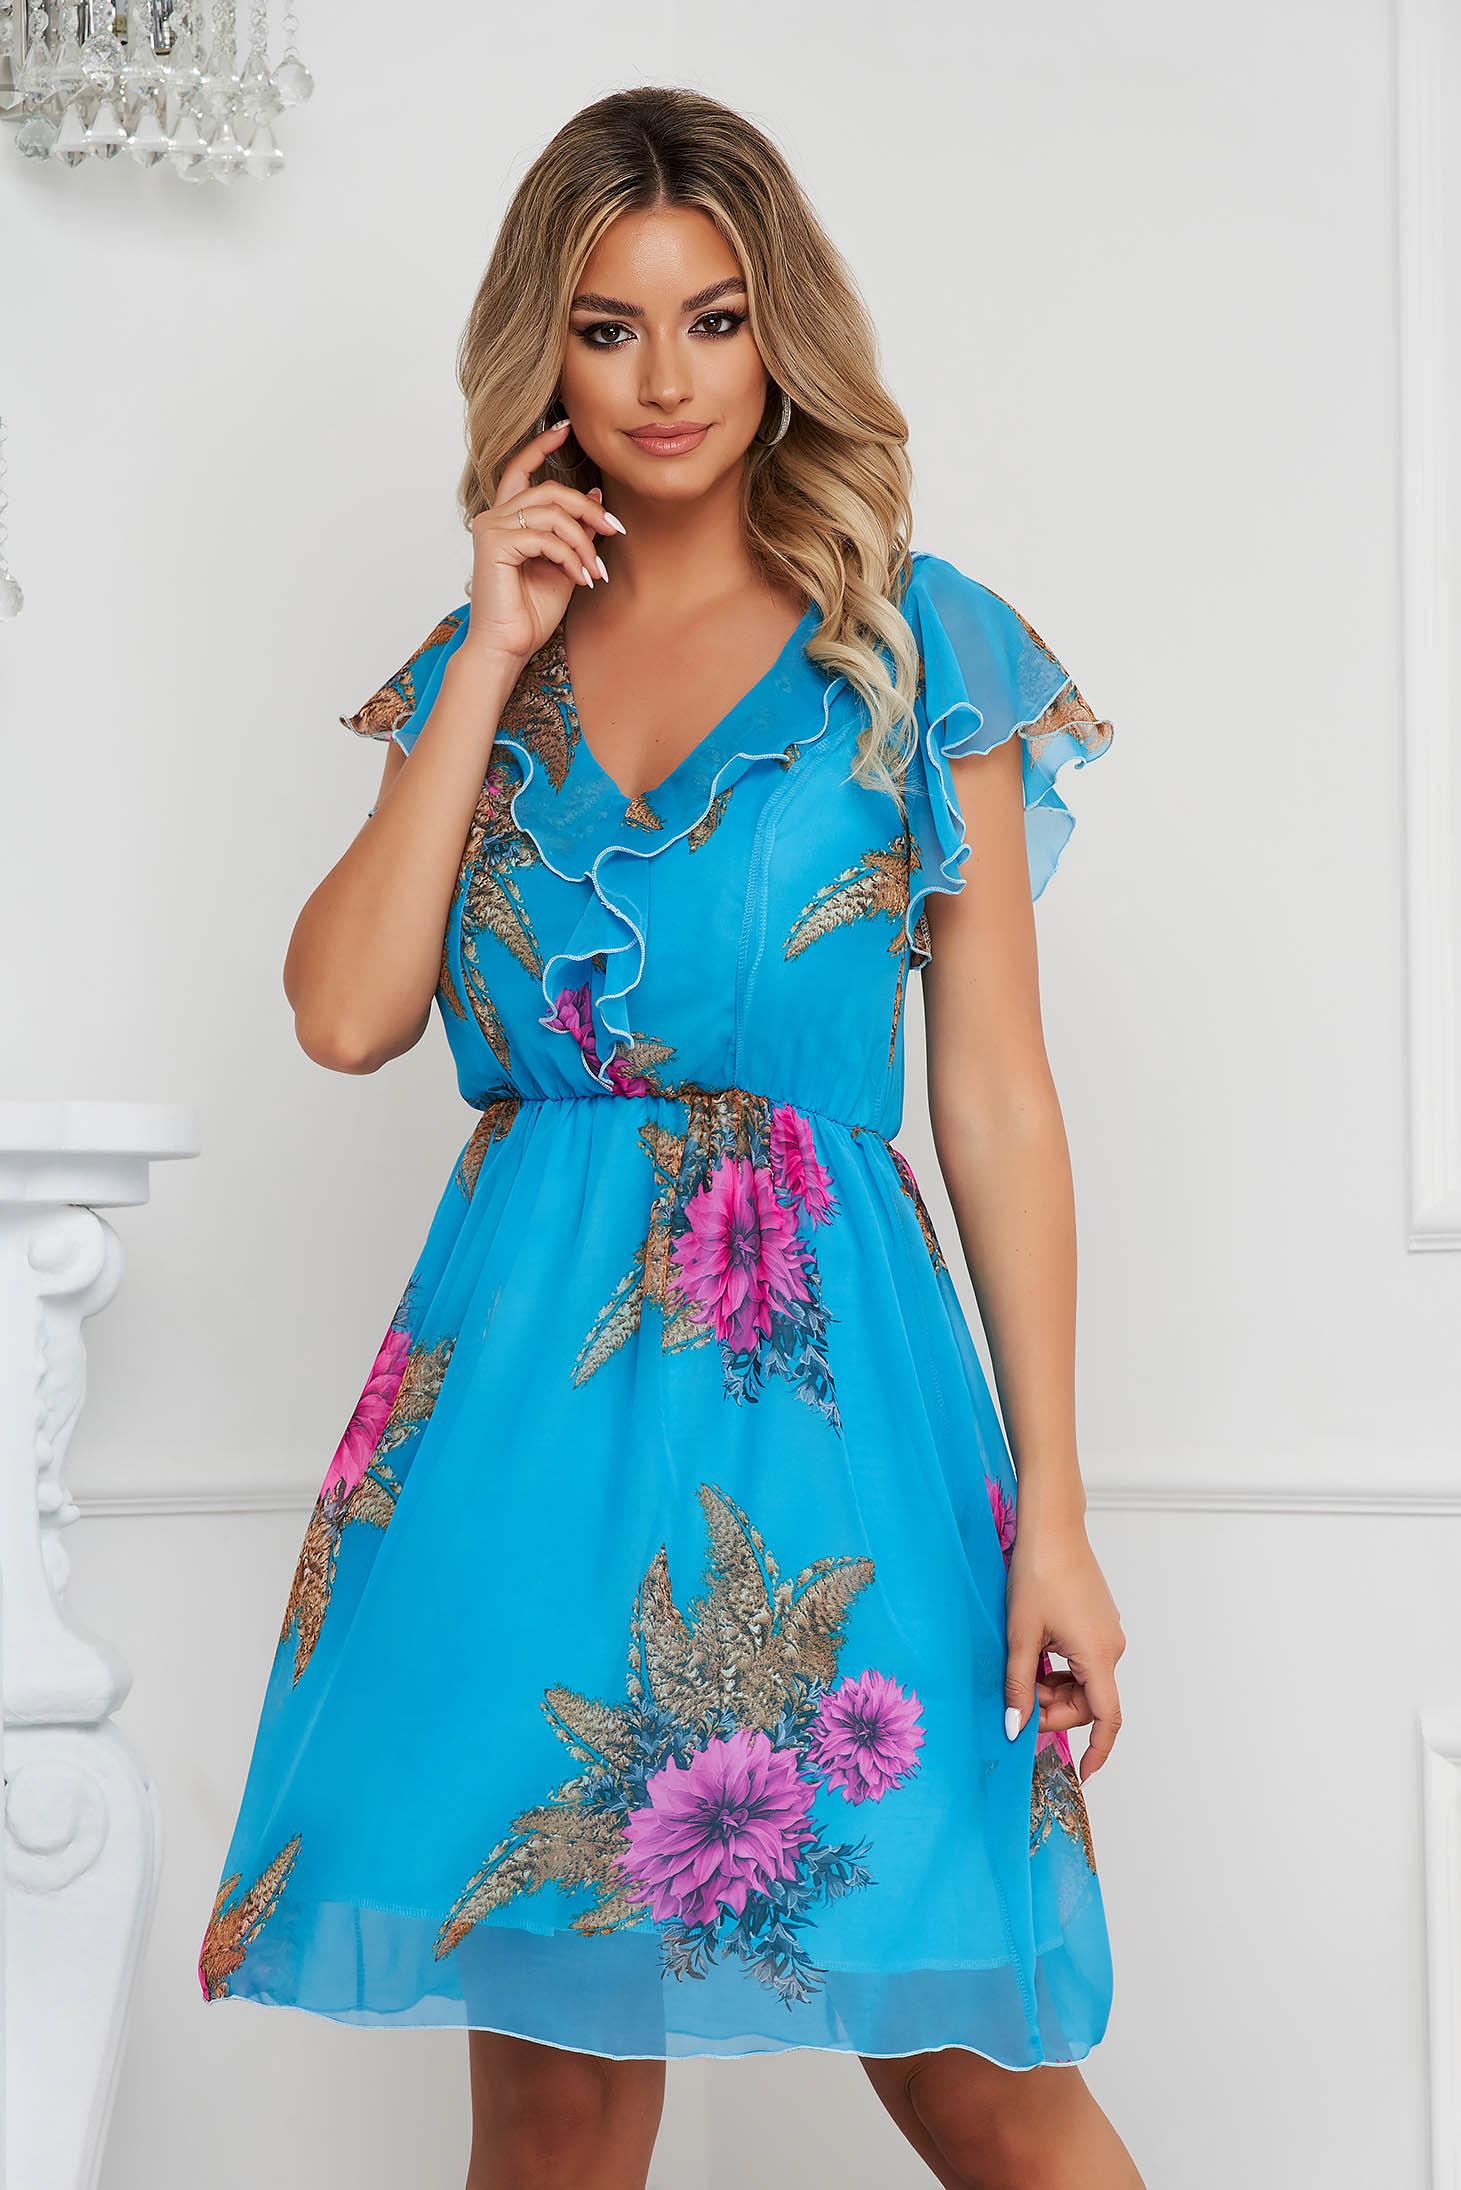 Rövid harang alakú ruha, gumirozott derékrésszel, muszlinból a dekoltázs vonalánál fodrokkal, illetve fodros ujjakkal